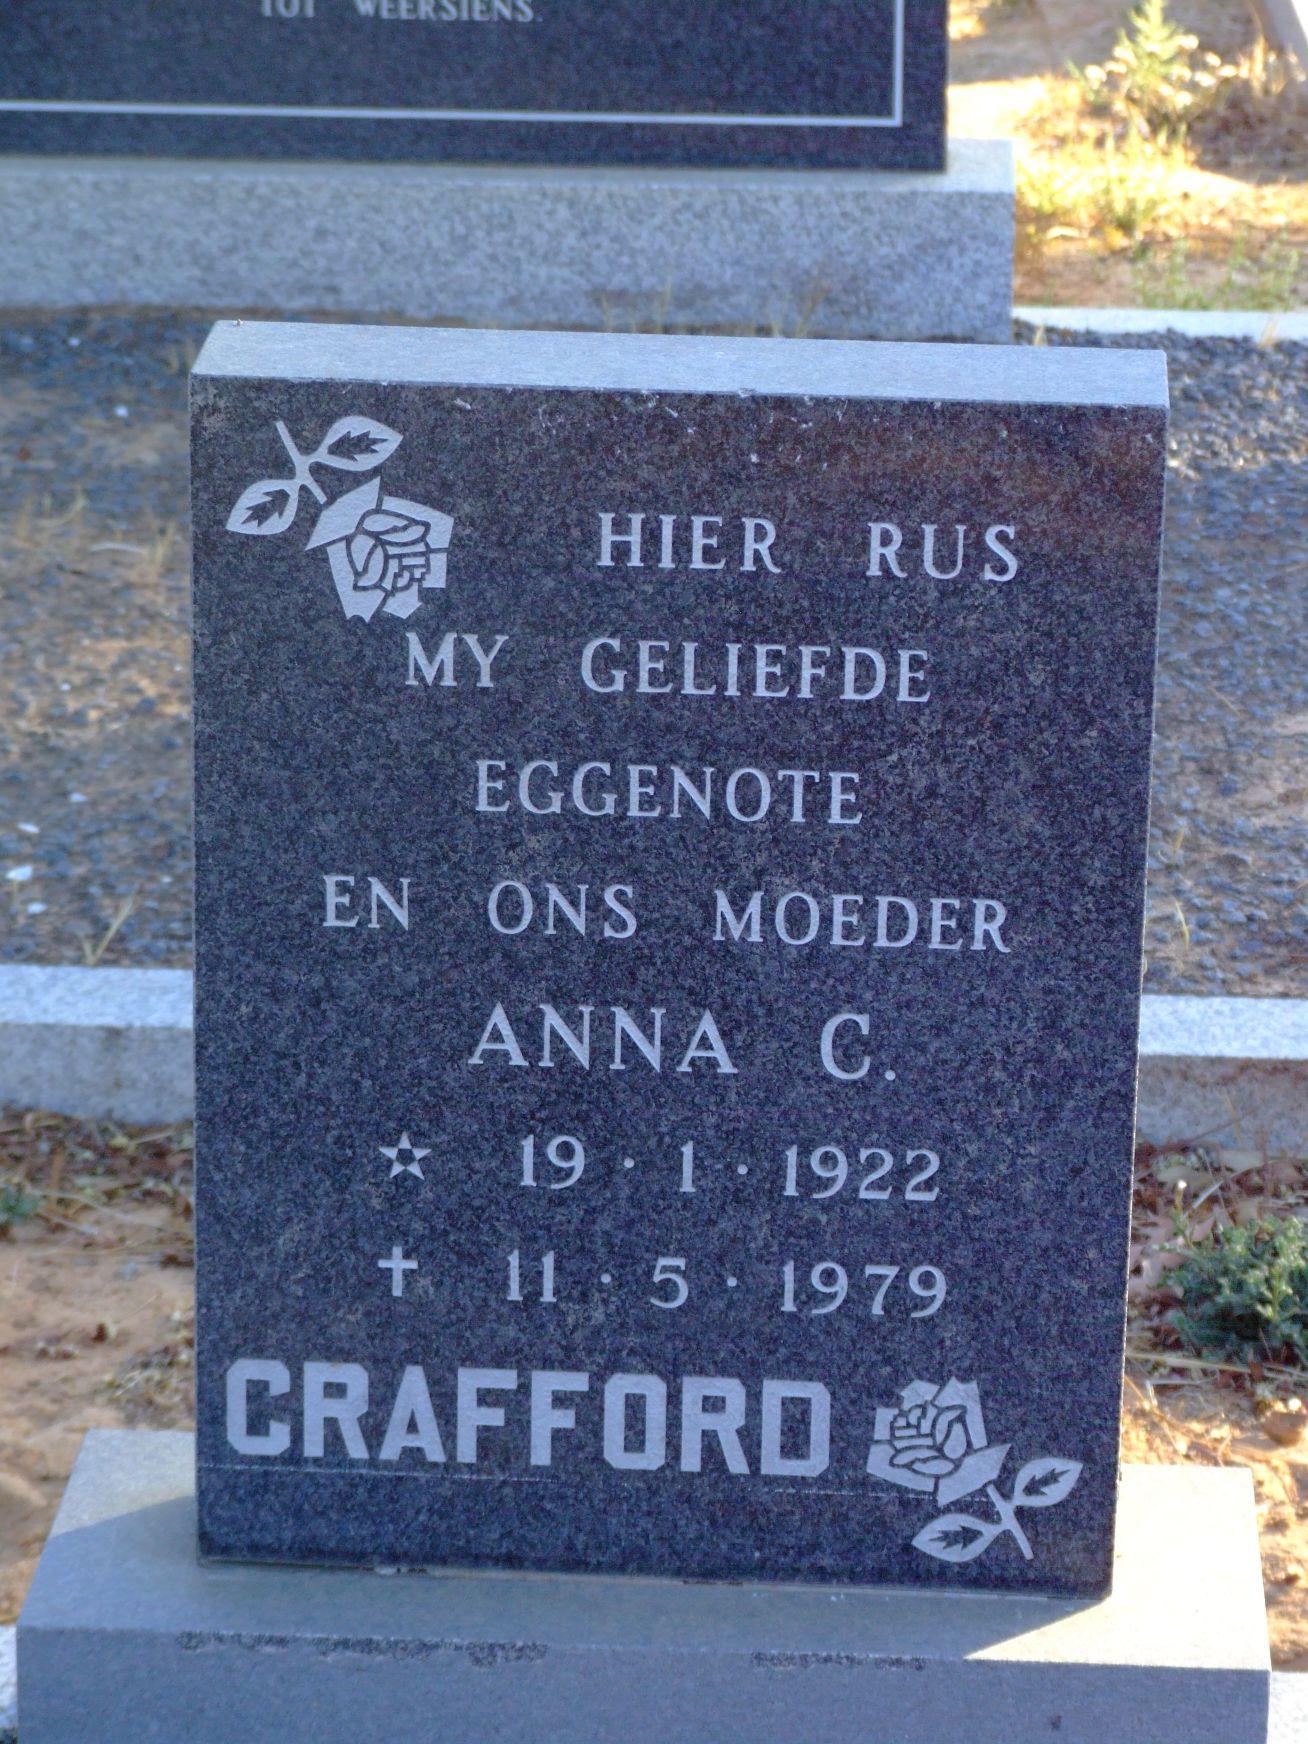 Crafford, Anna C.